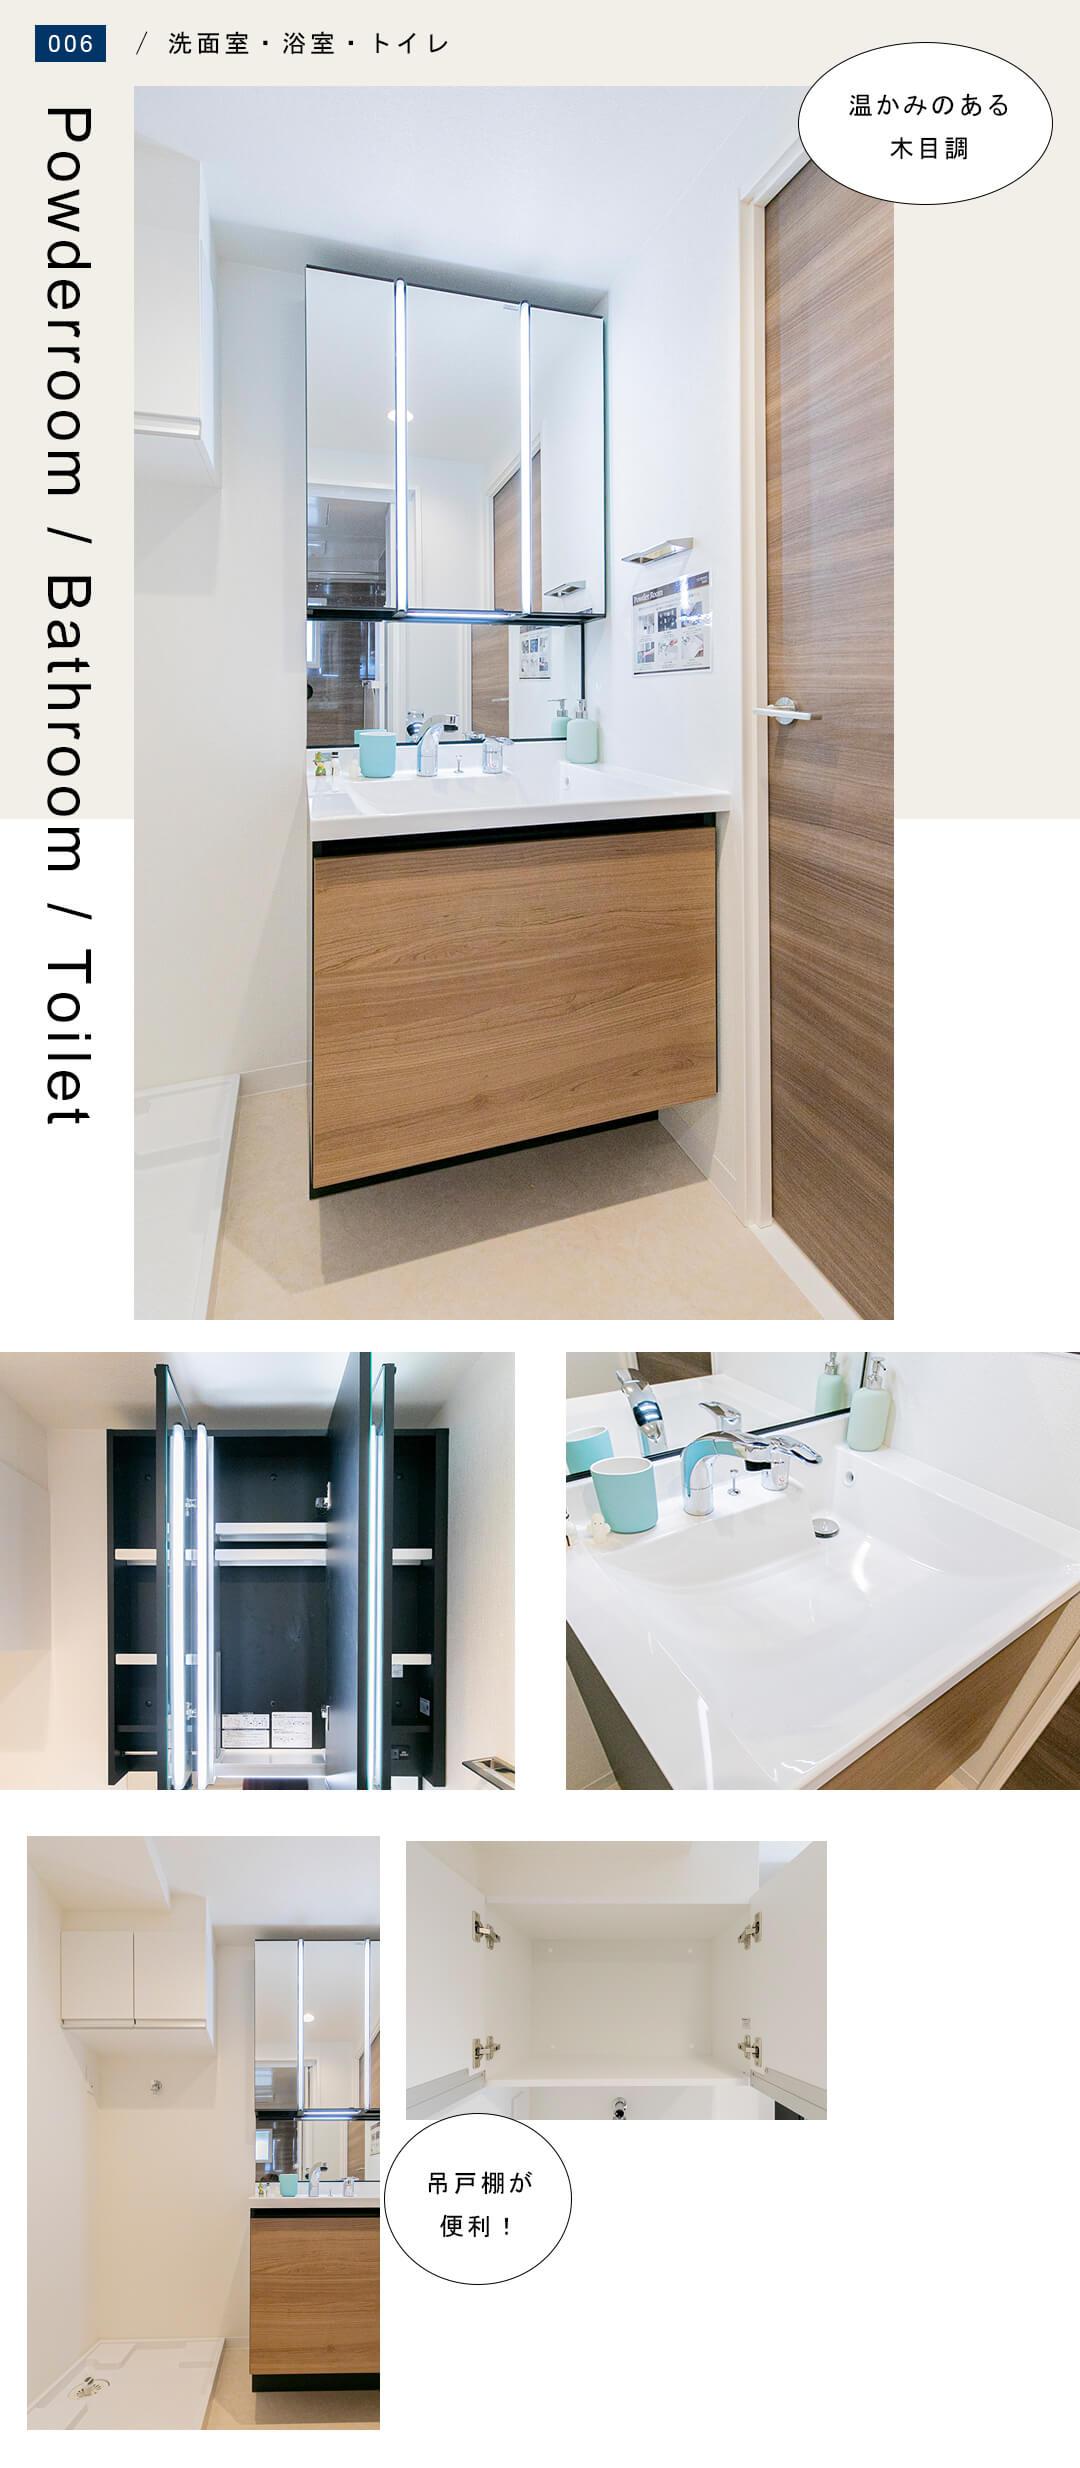 中銀目黒マンシオンの洗面室